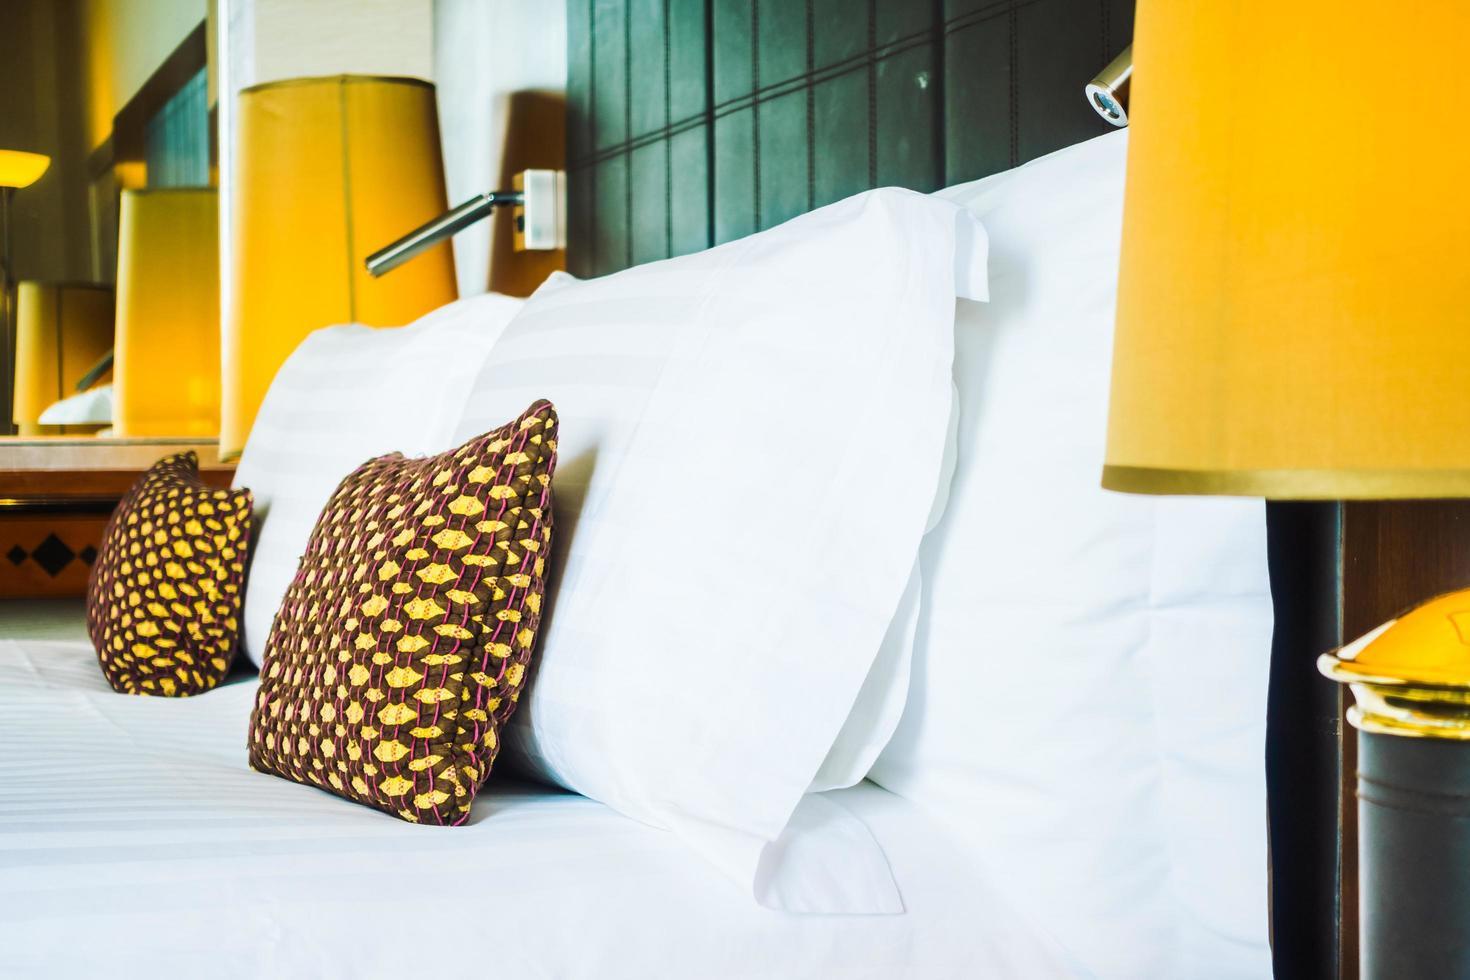 almohada en la cama con lámpara de luz foto